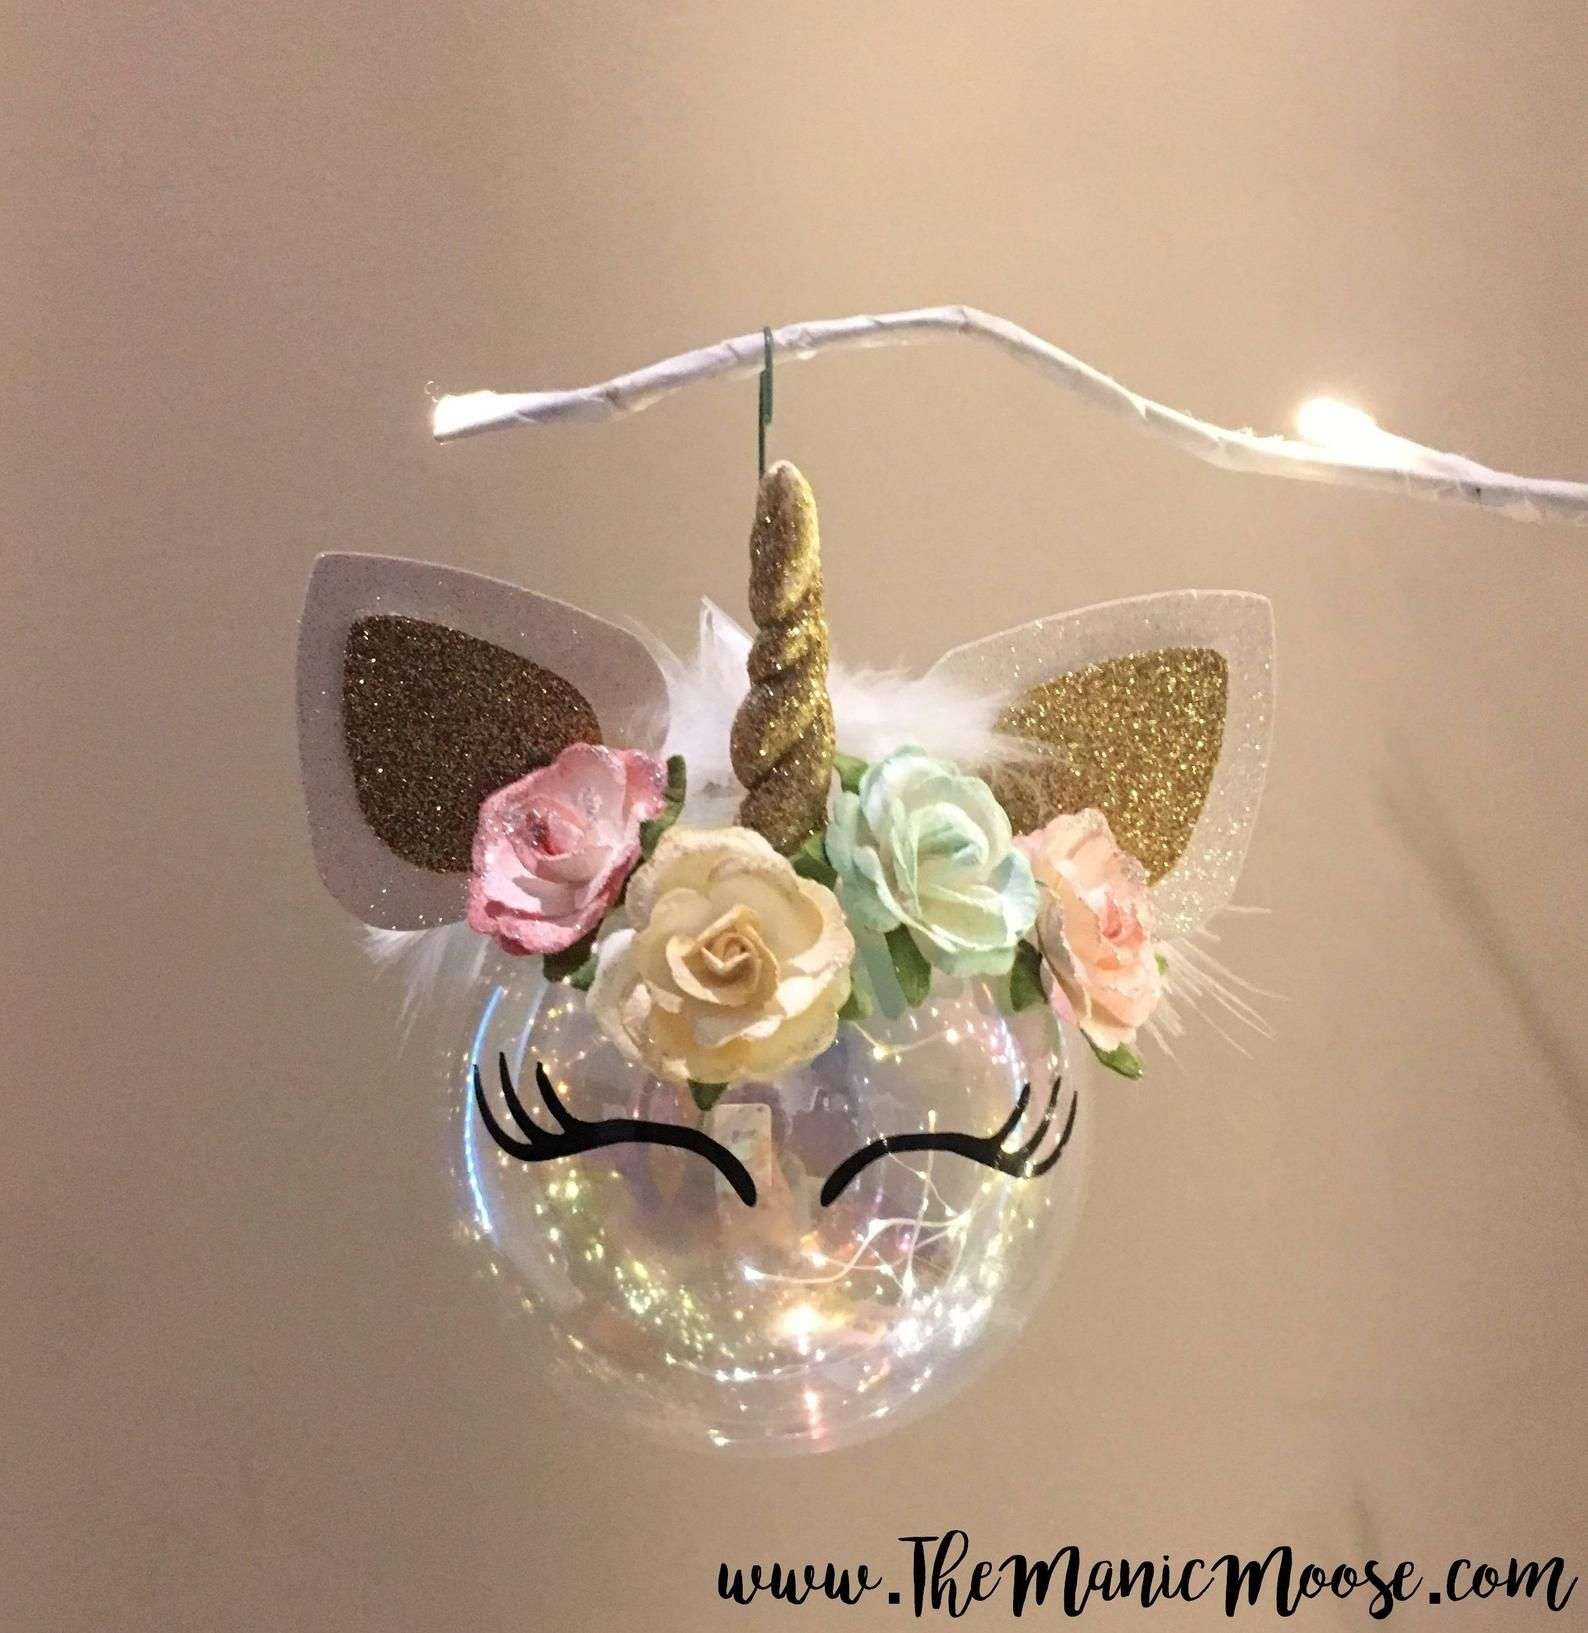 Magical Vintage Chic Unicorn Ornament With Images Ozdoby Swiateczne Dekoracje Swiateczne Boze Narodzenie